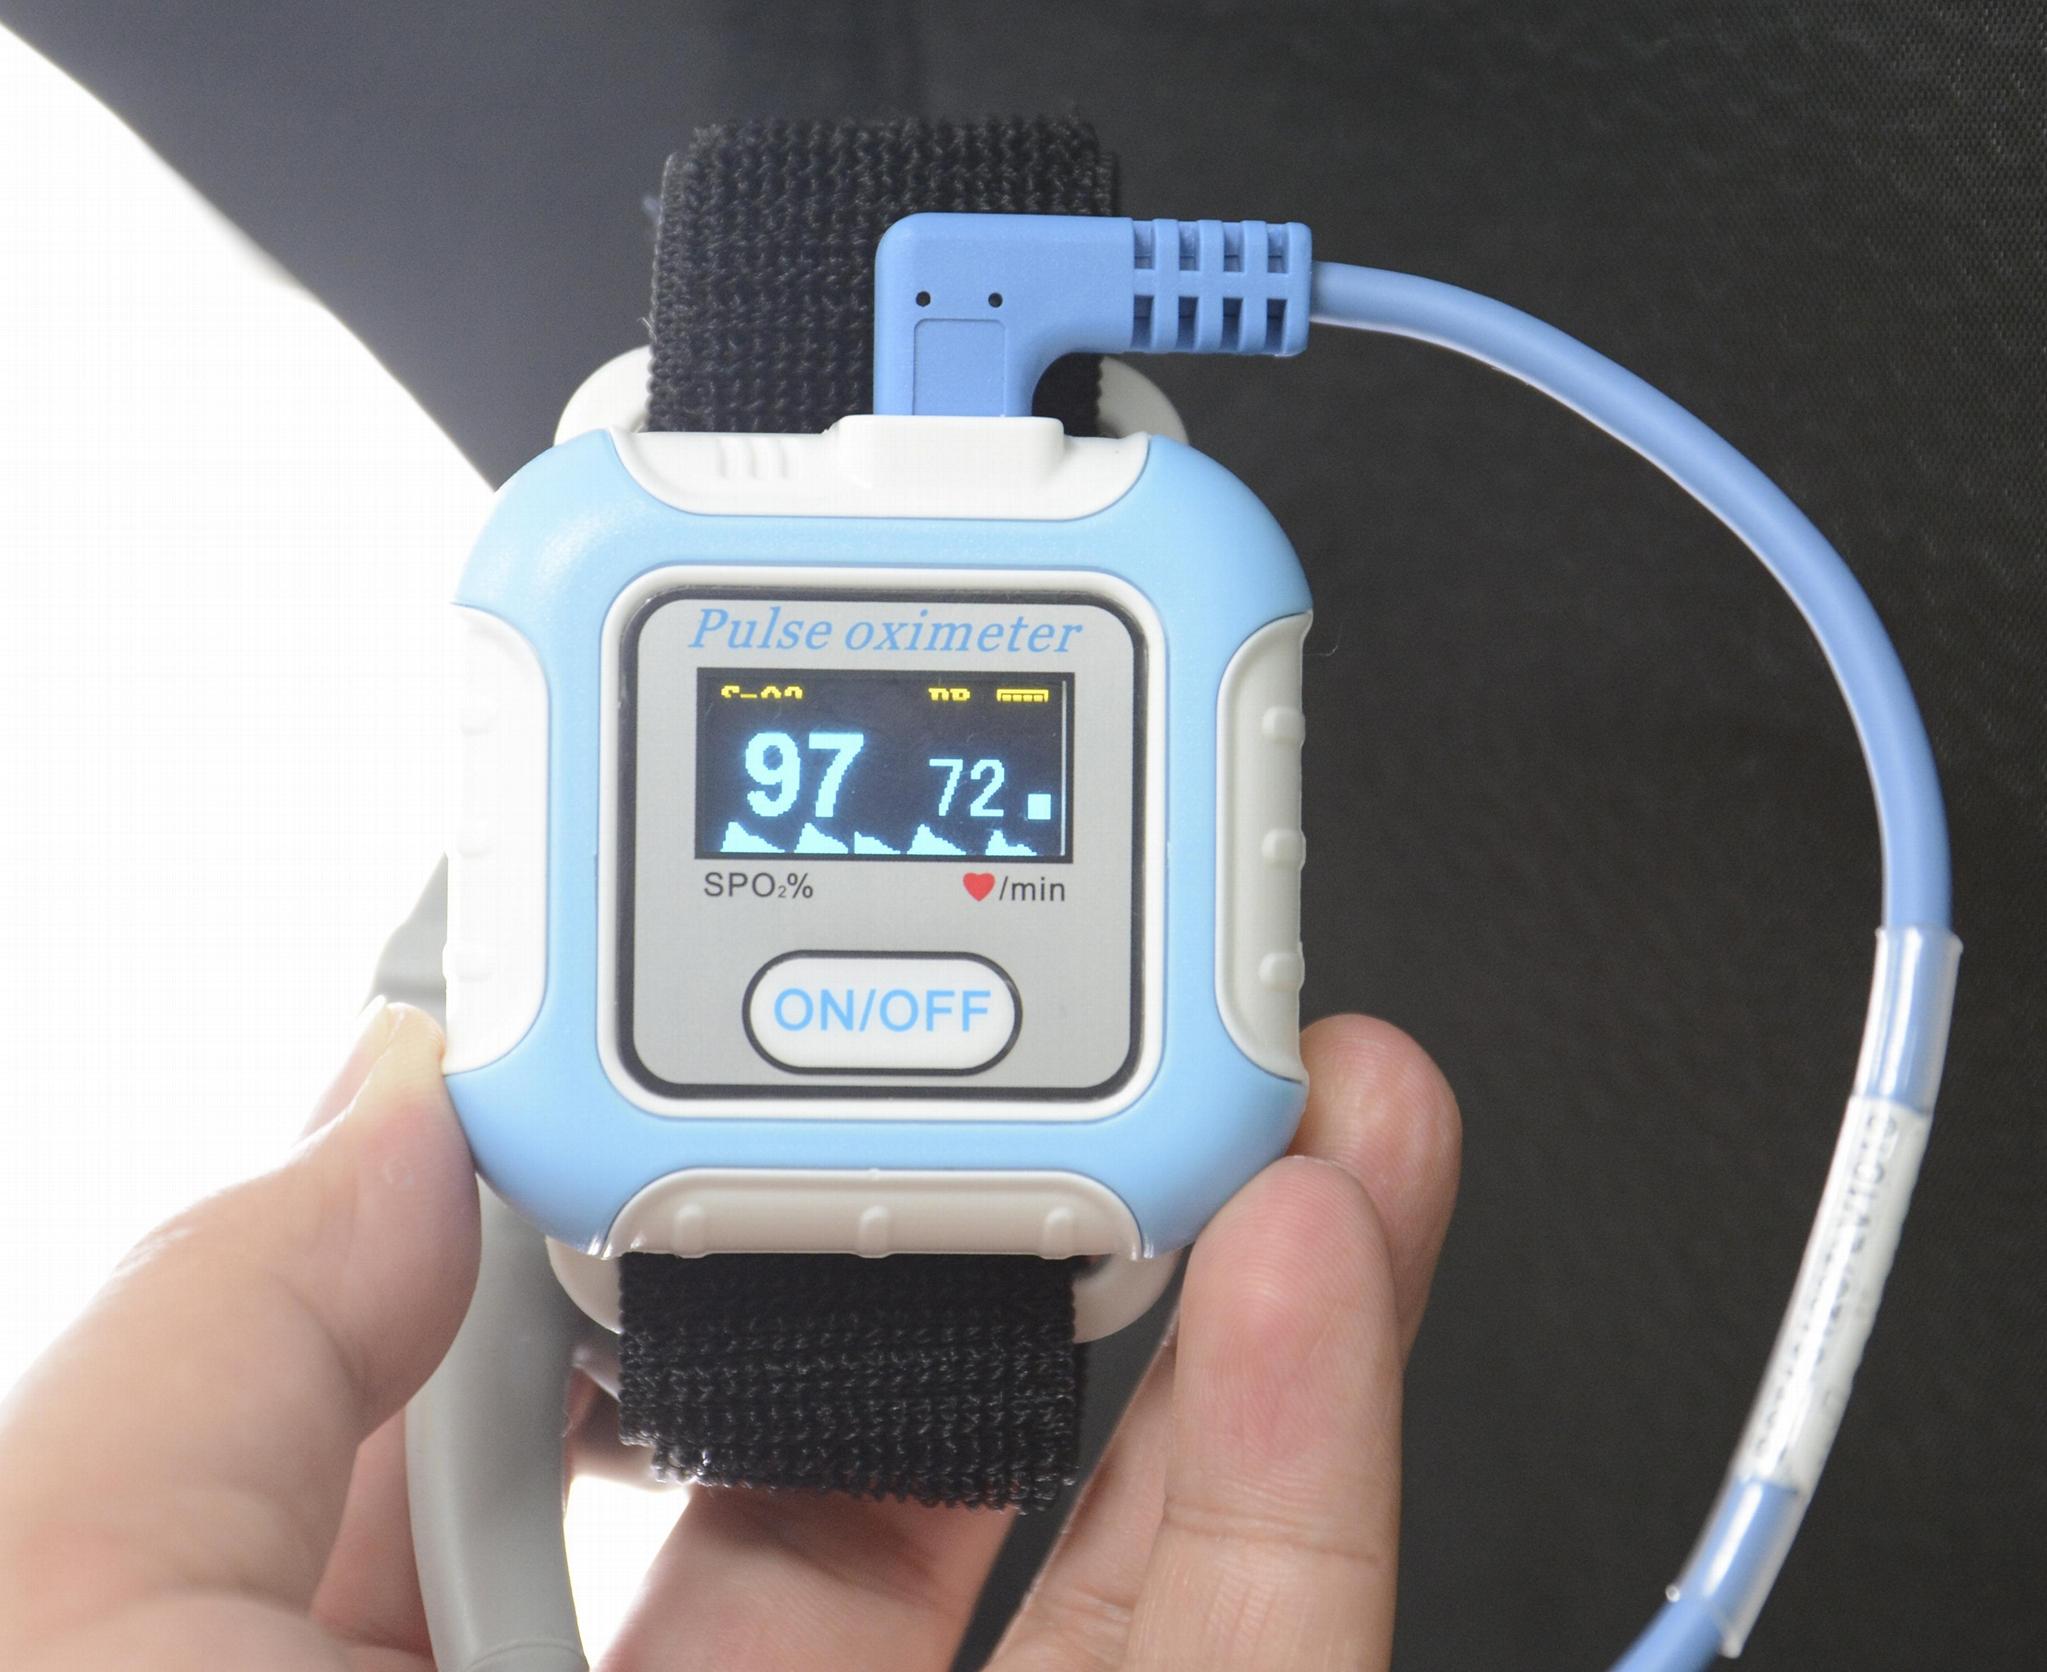 血氧传感器LCD屏医用睡眠蓝牙腕部脉搏血氧仪 1